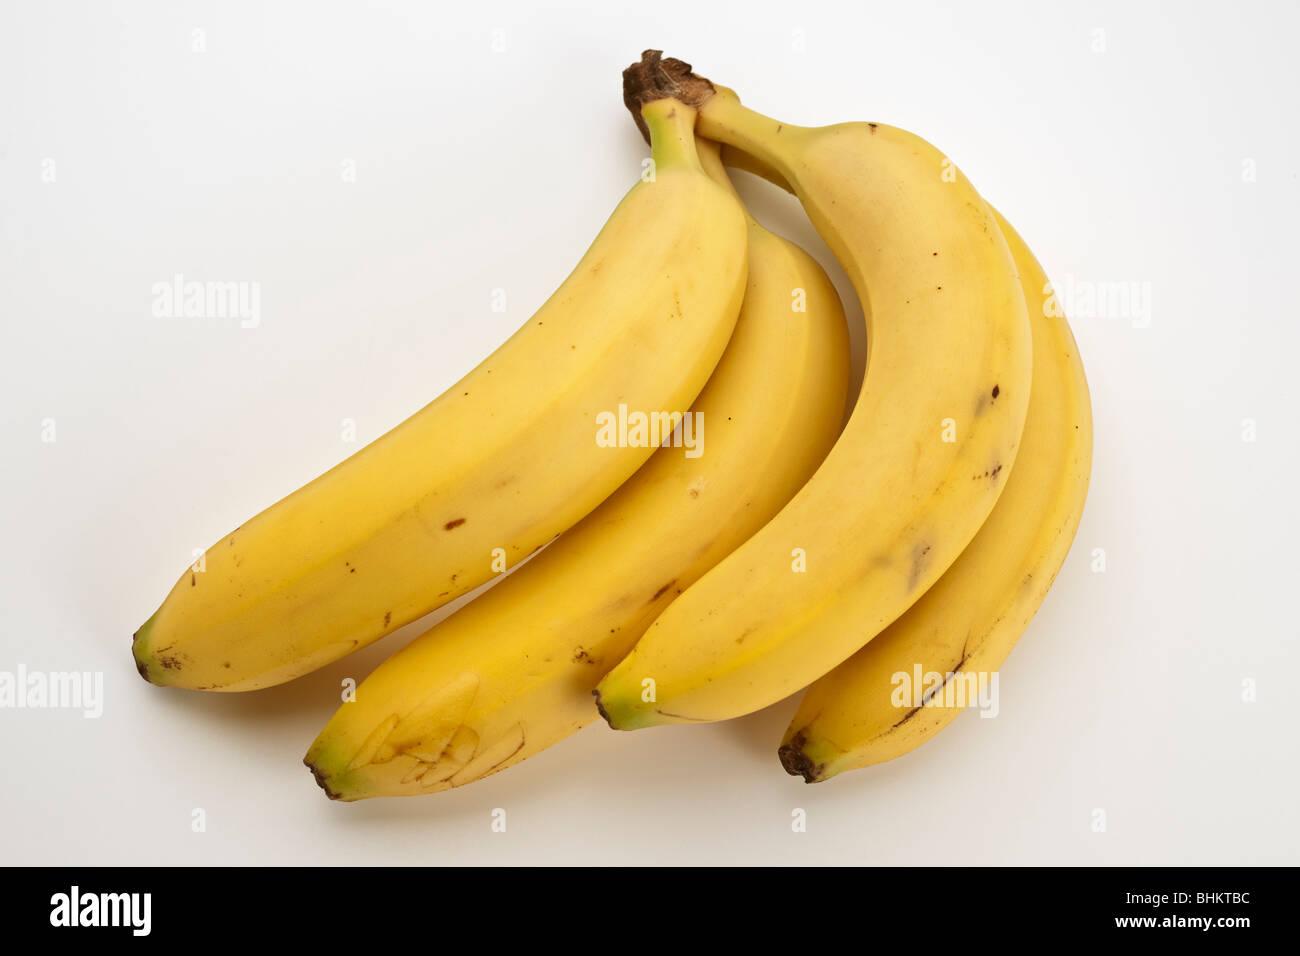 Se sumaron cuatro plátanos maduros amarillo Imagen De Stock